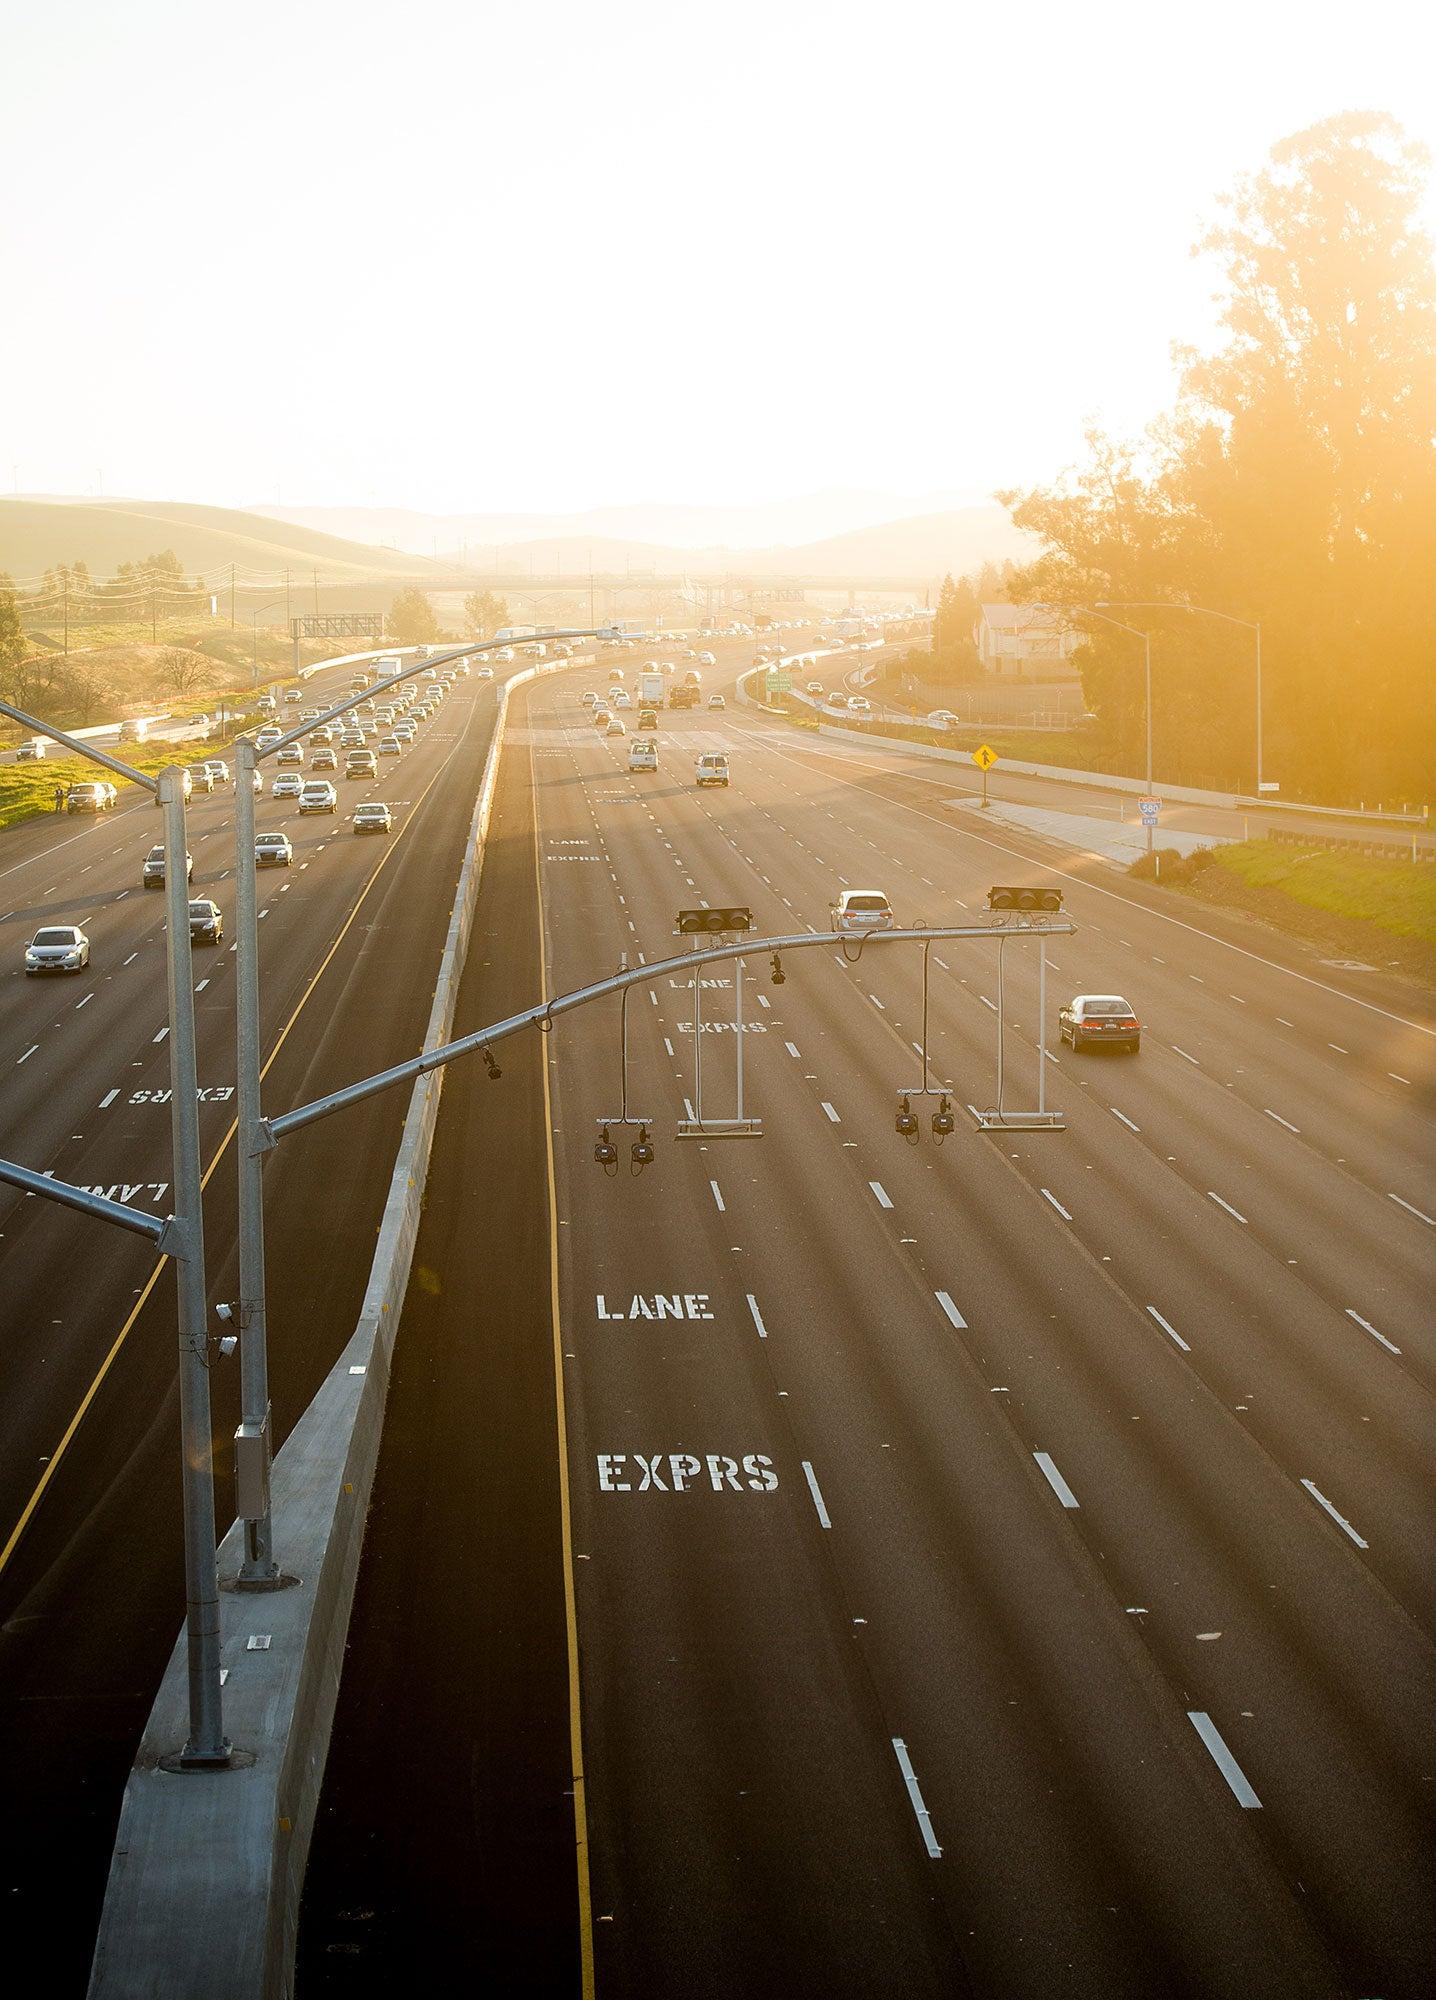 580 Express Lanes